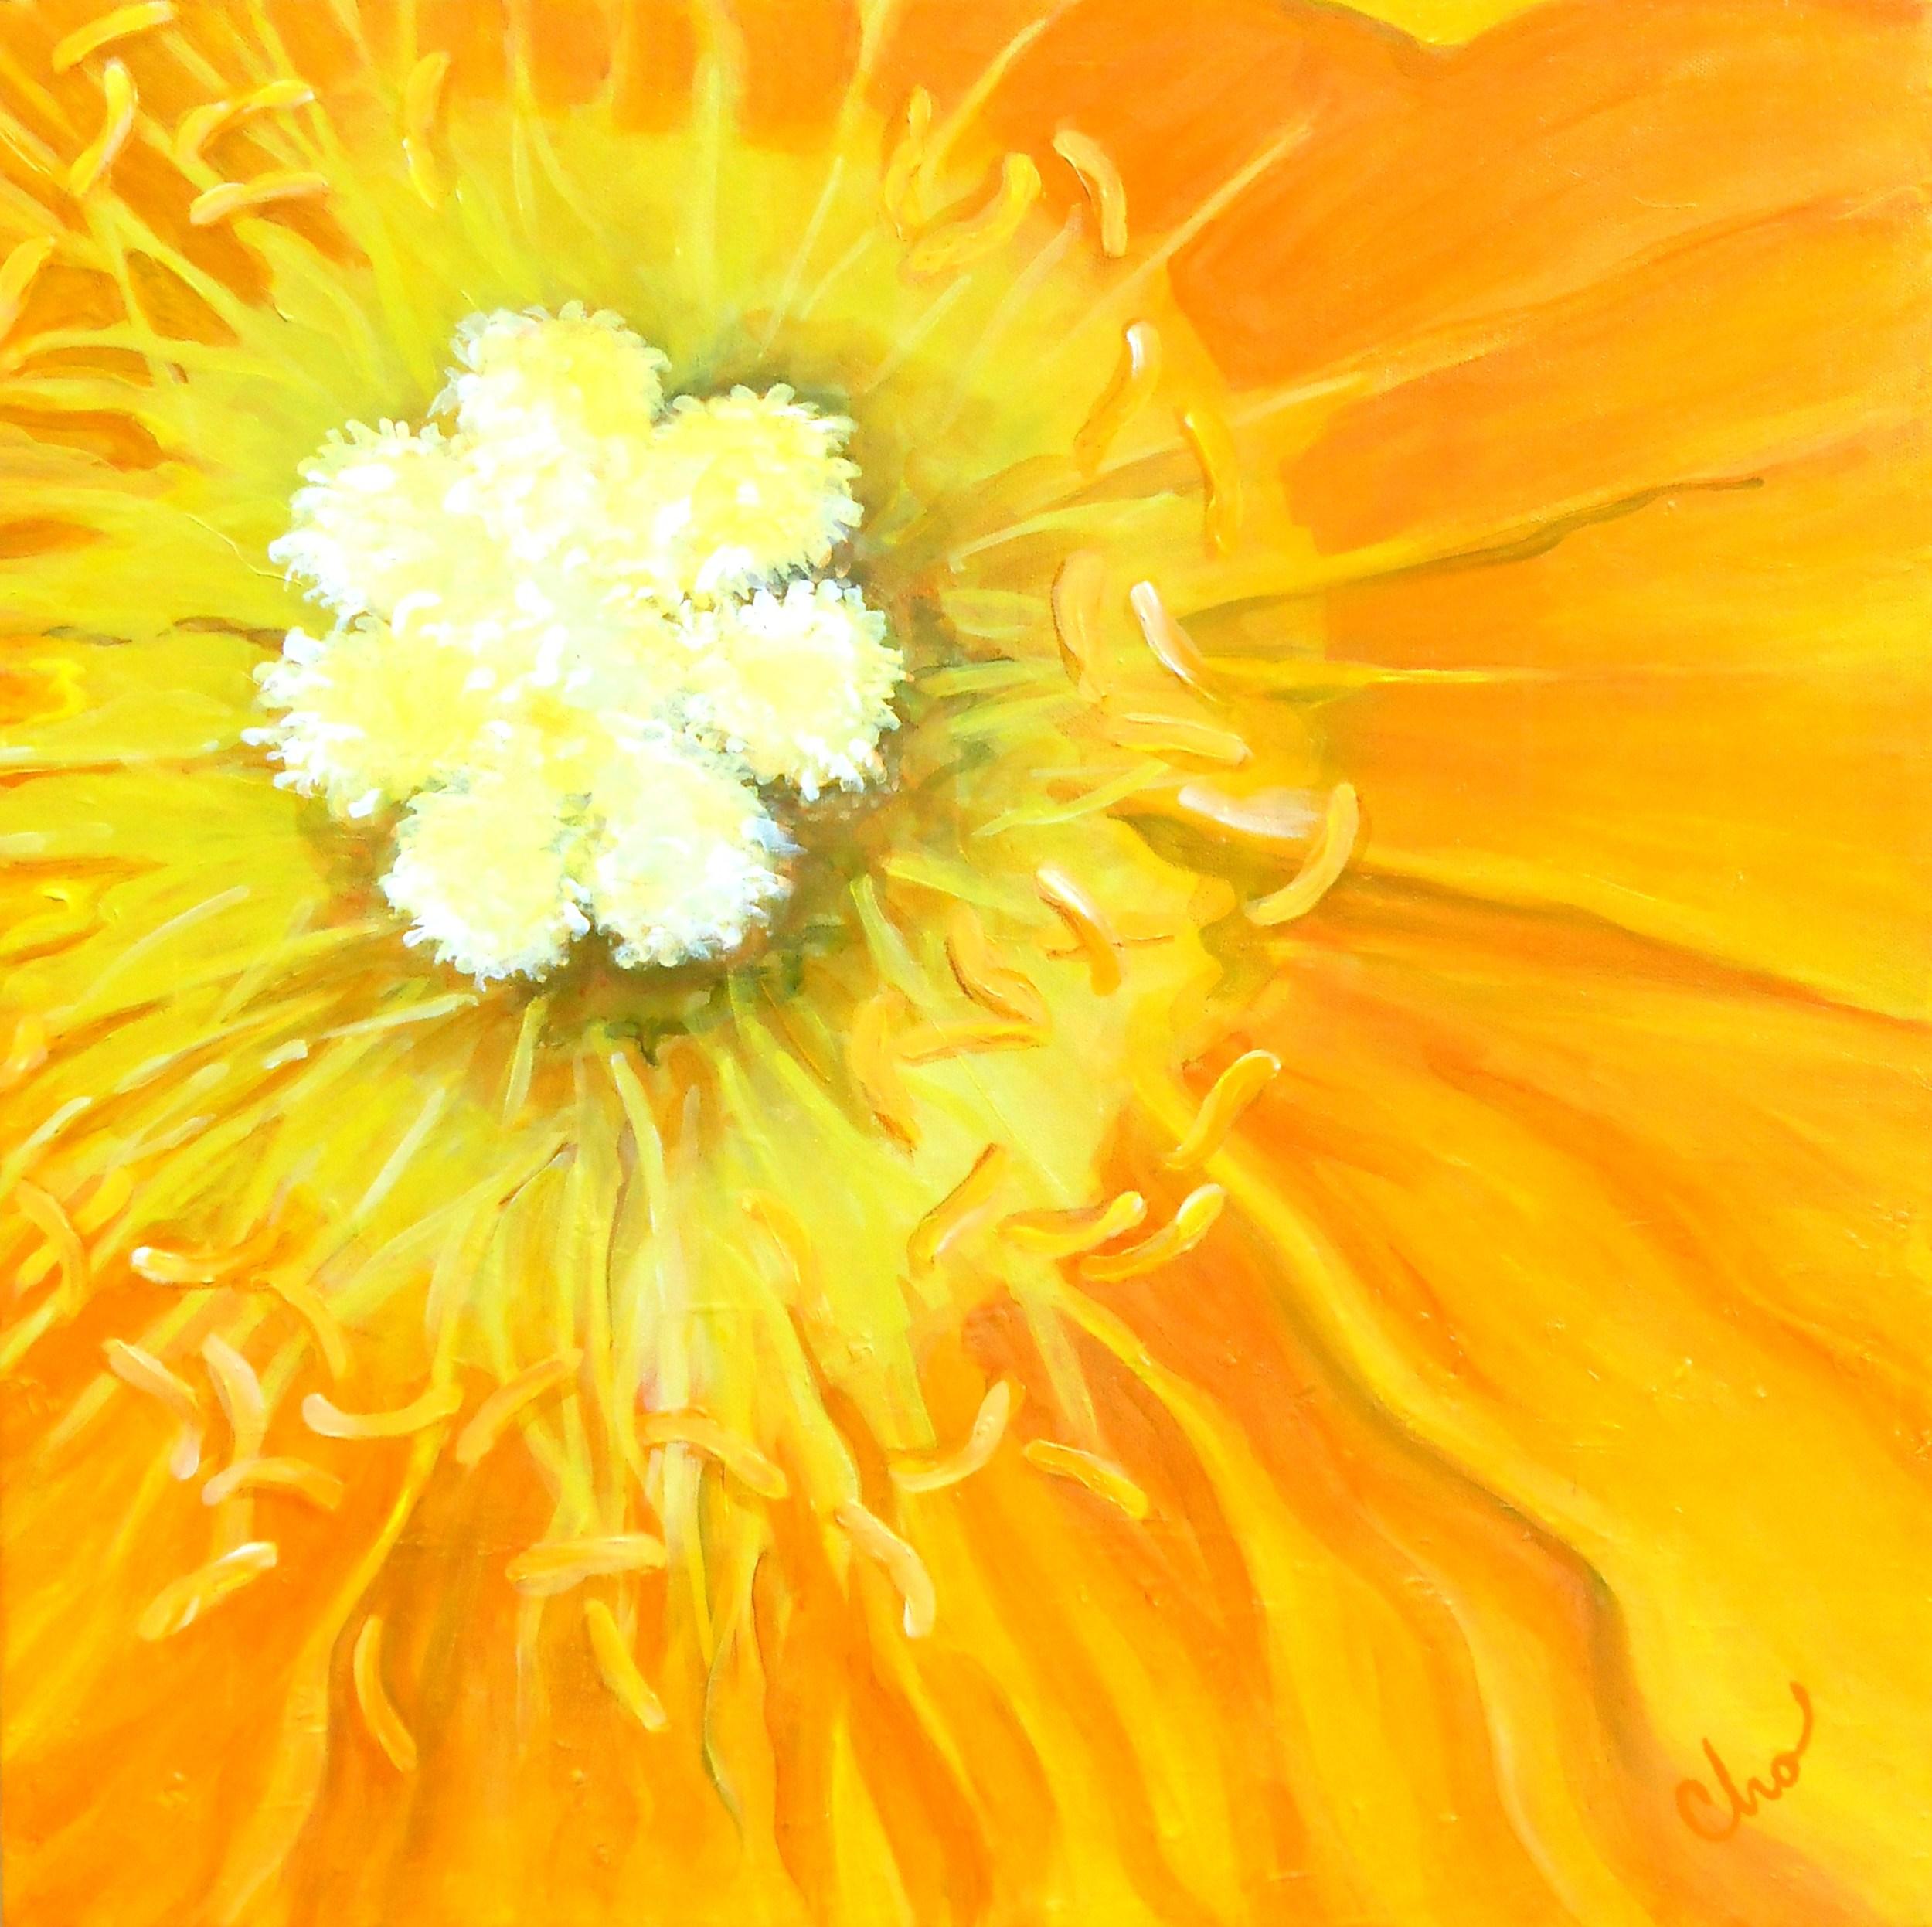 Yellow Poppy 20x20 June 2012.JPG